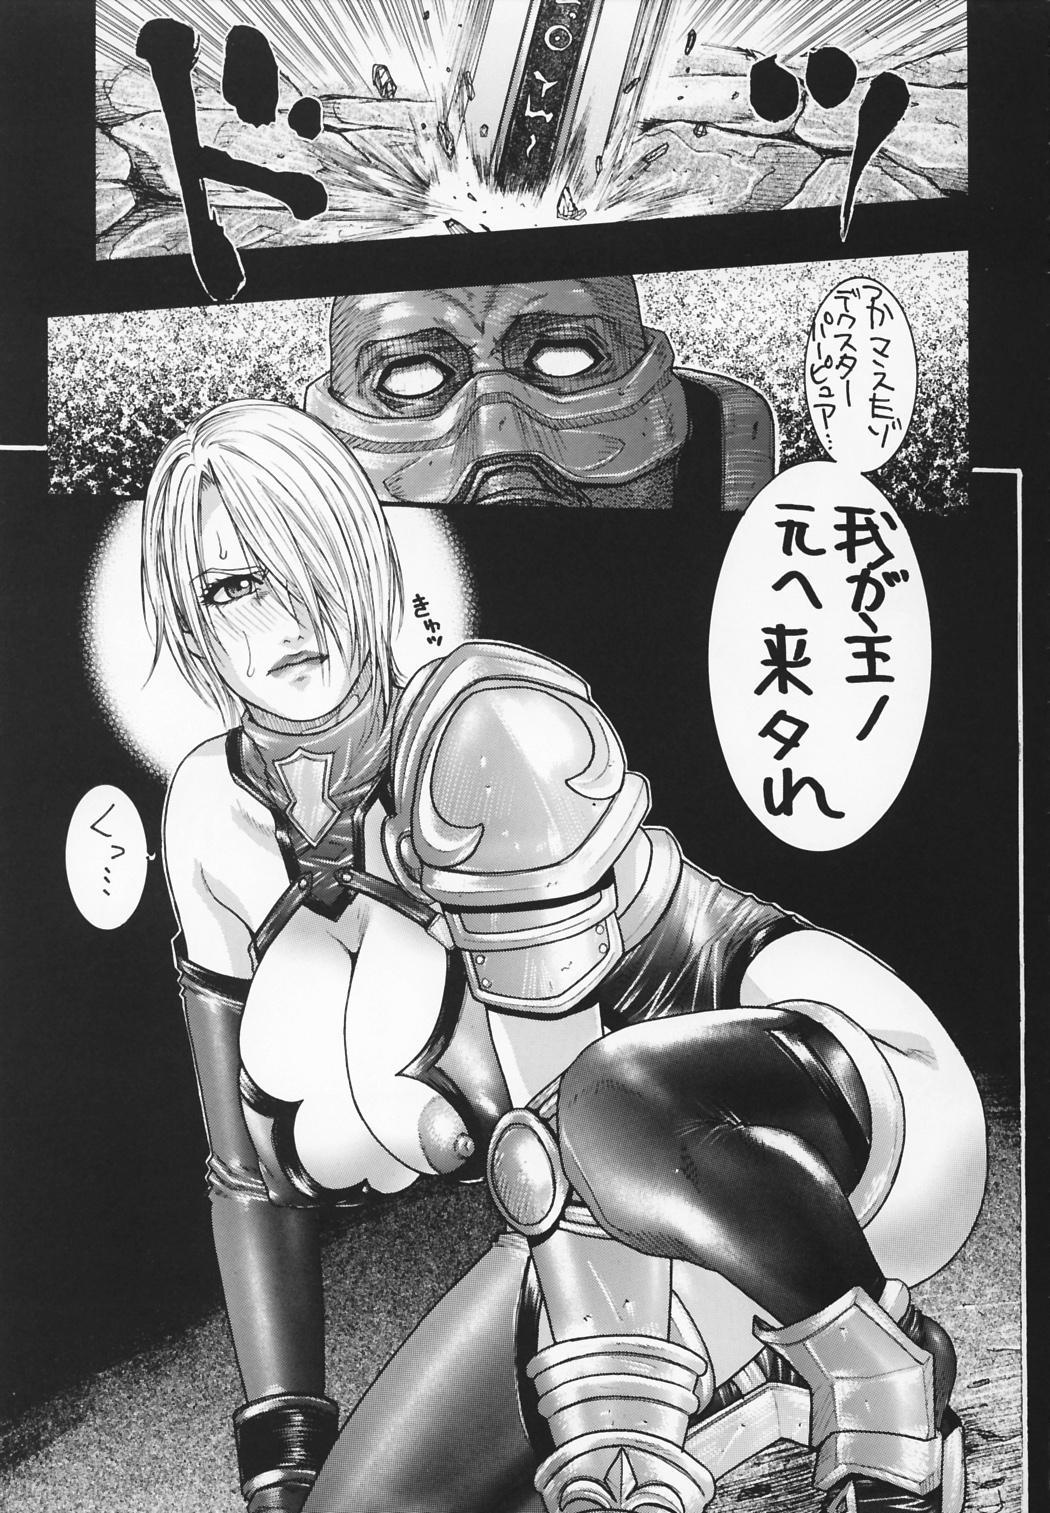 6 mina soul seung calibur Joshiochi!: 2-kai kara onnanoko ga futtekita!?